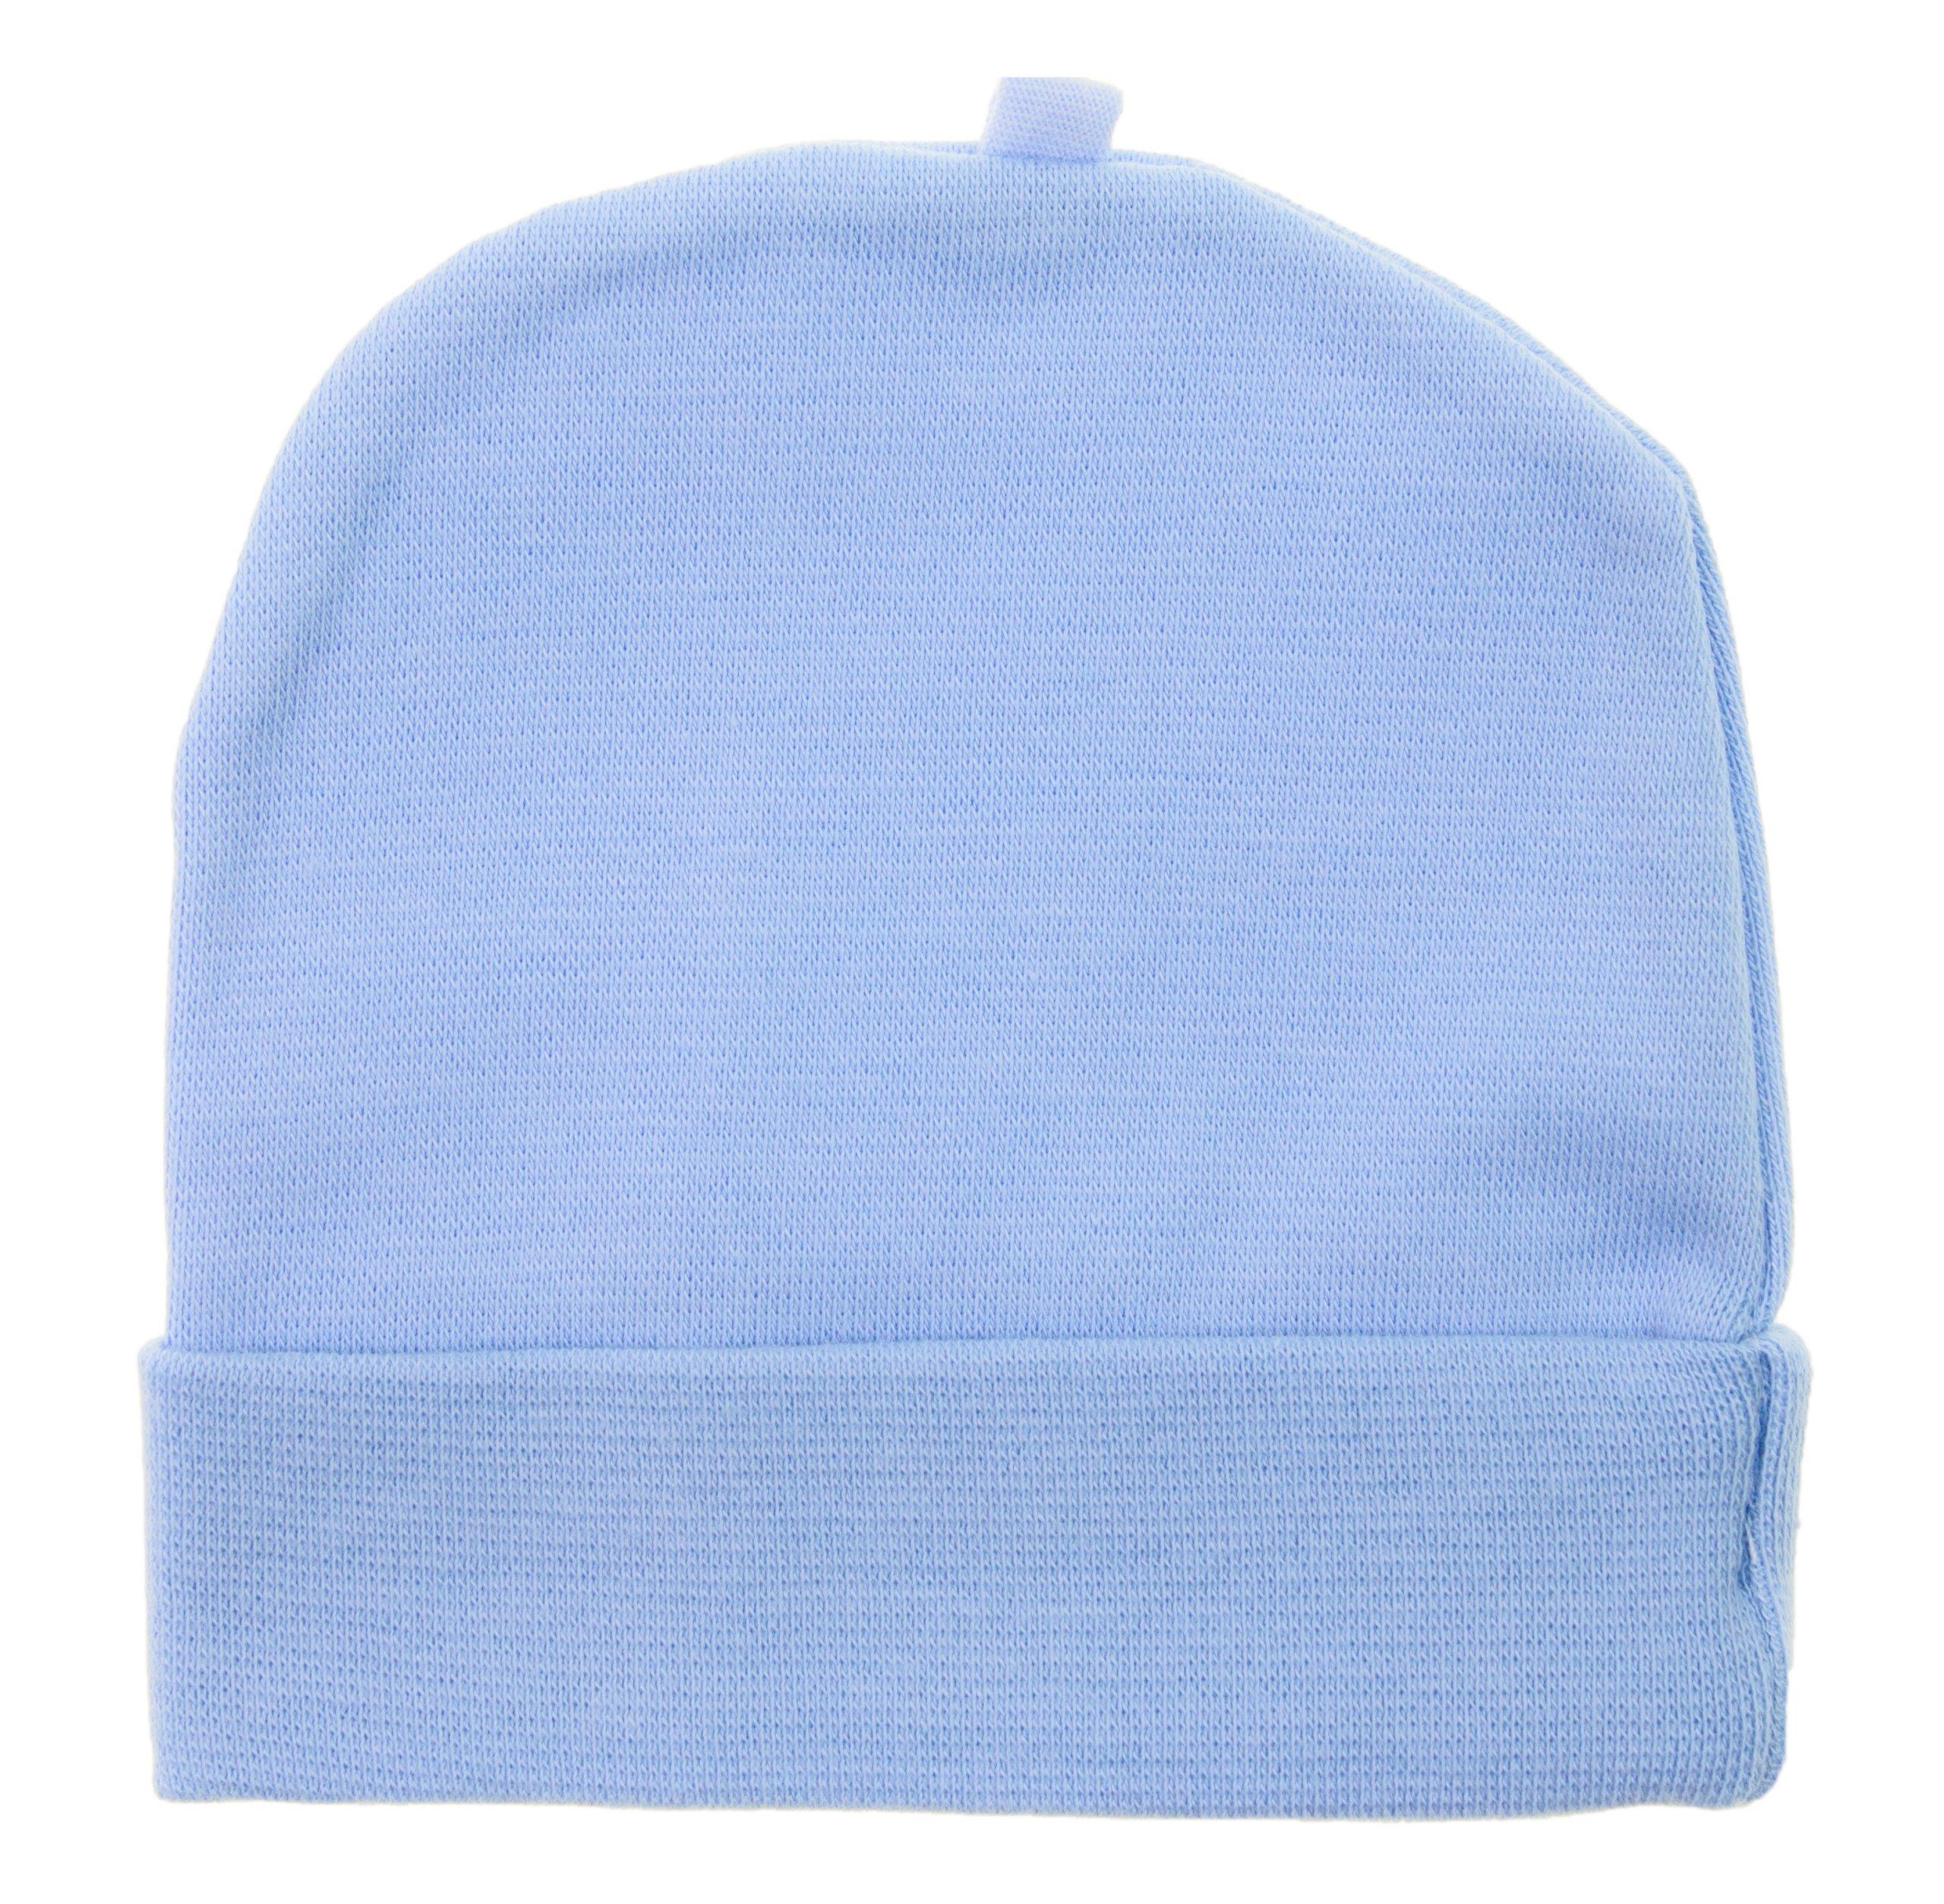 146256904b Czapeczka czapka smerfetka dla noworodka 34 36 0m+ - 7009467762 ...